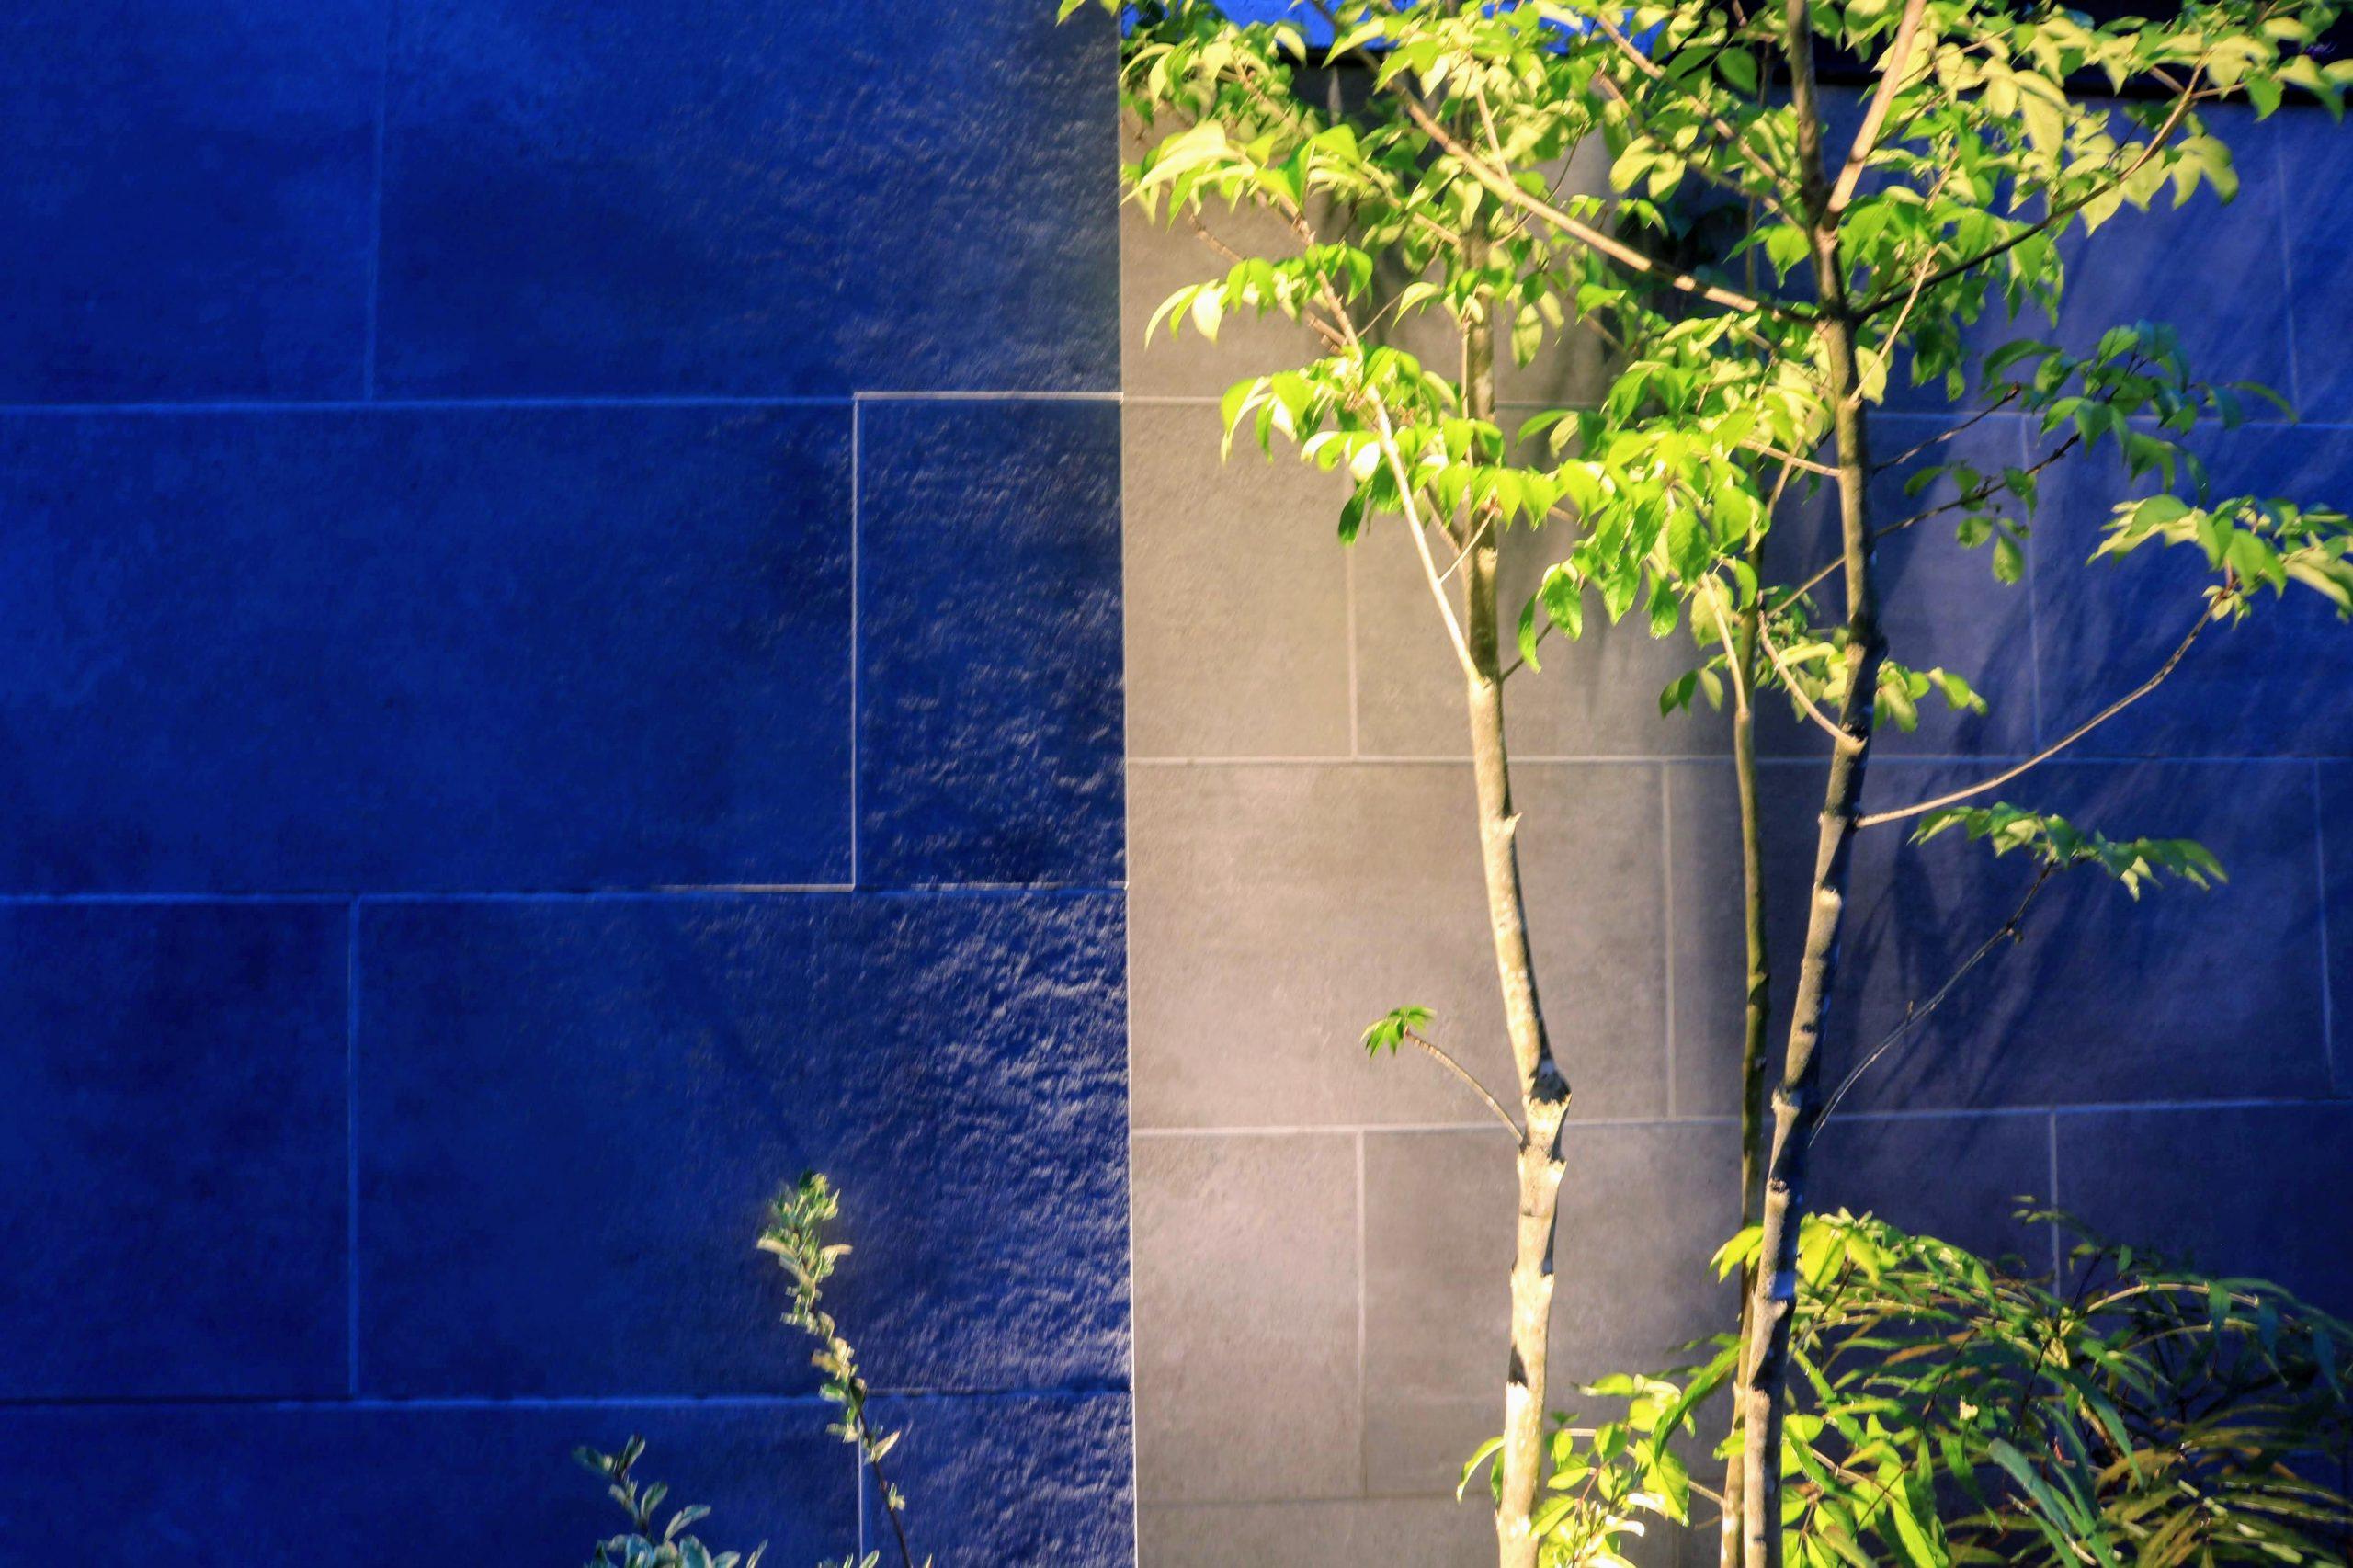 アオダモとタイル張り門壁